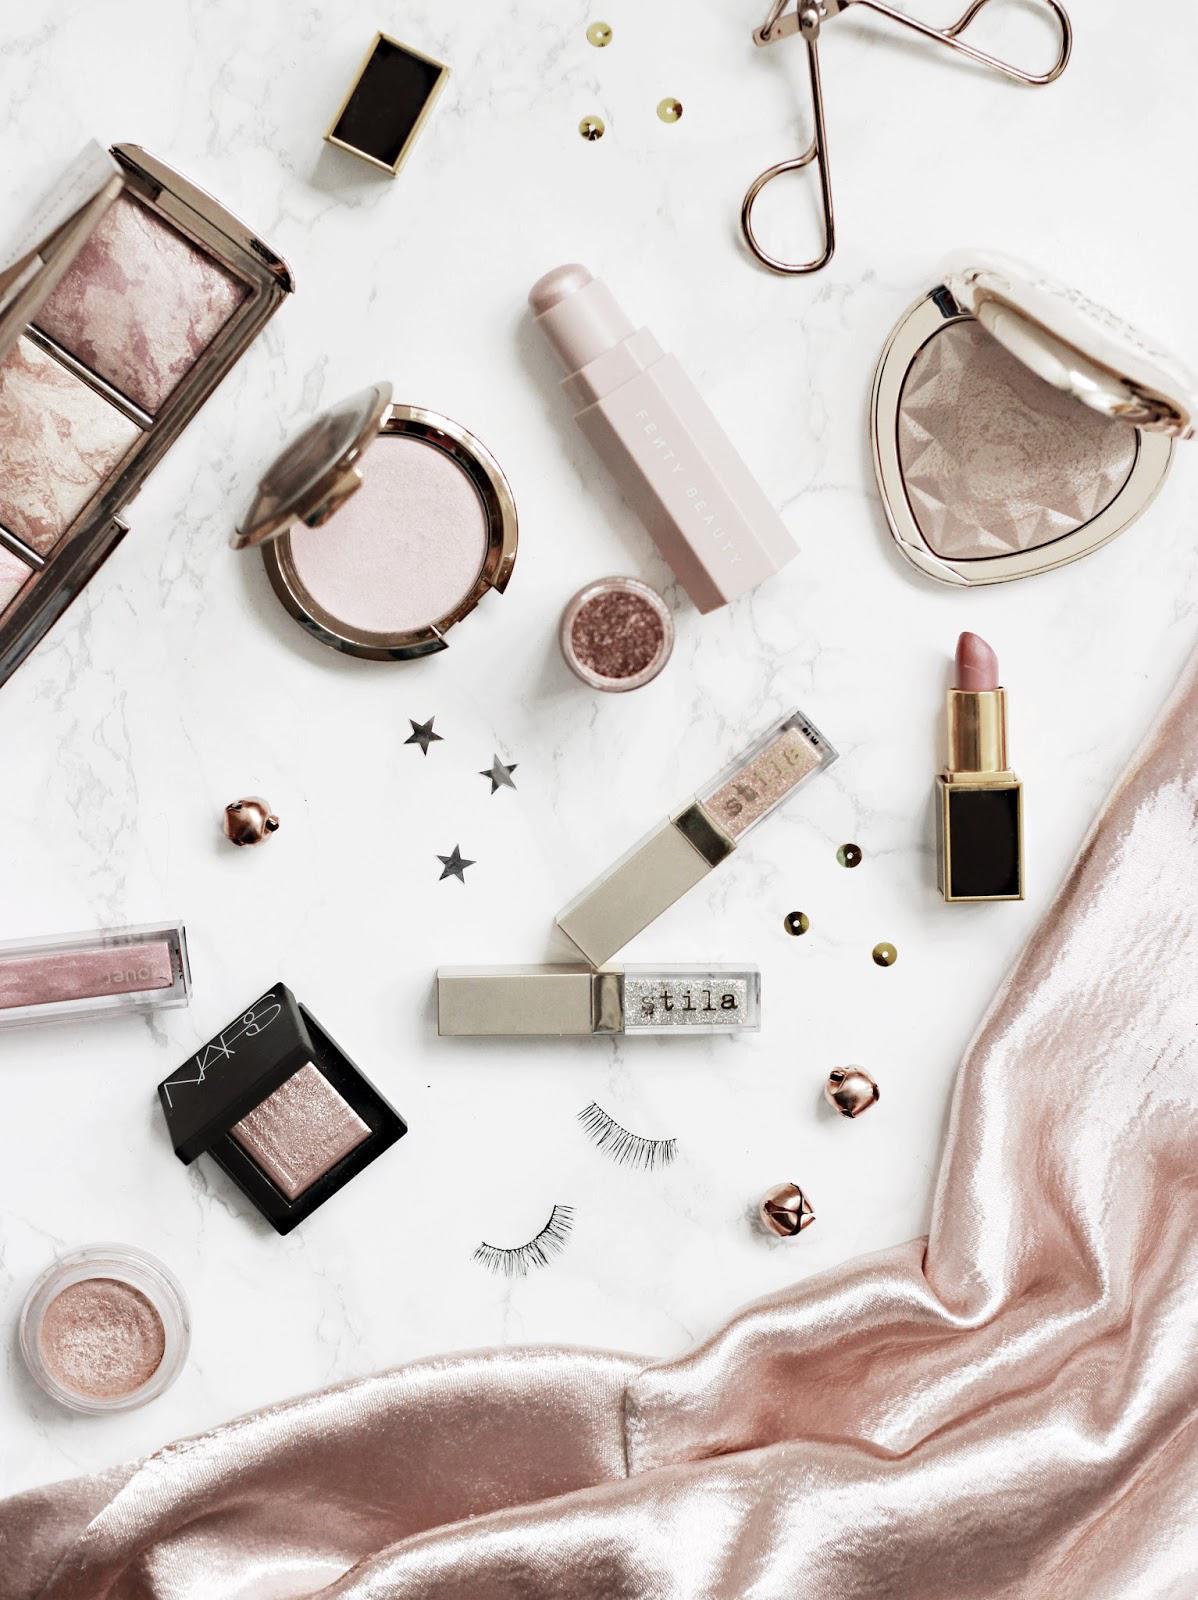 image8-9 | Руководство по покупке косметических продуктов: когда экономить и когда тратить?